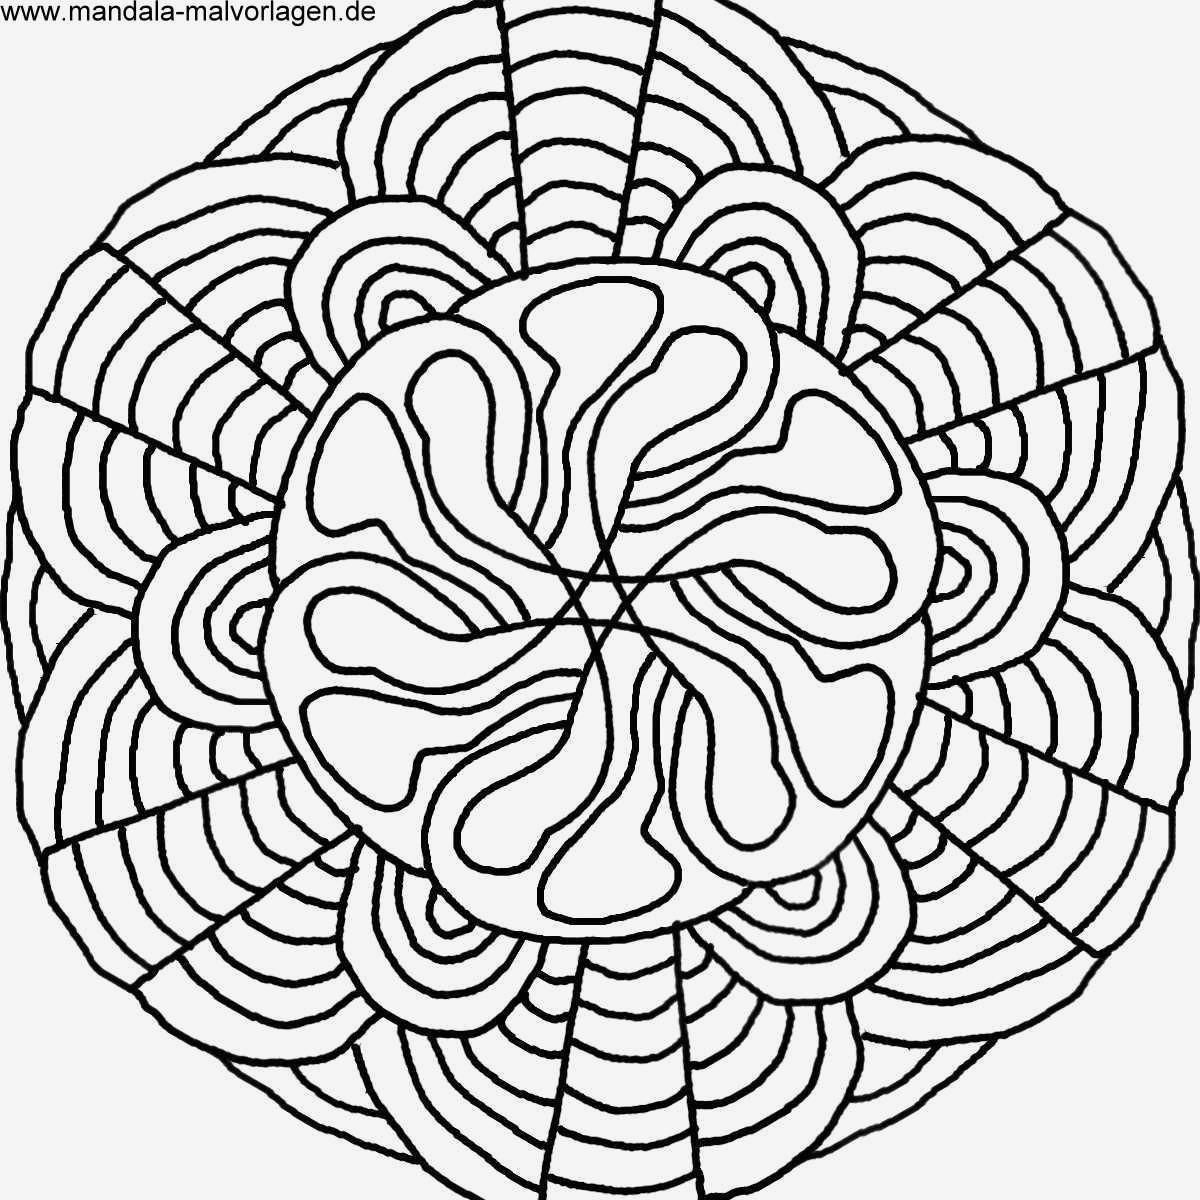 Herz Bilder Zum Ausmalen Neu Ausmalbilder Mandala Kostenlos Eule Bildergalerie & Bilder Zum Sammlung